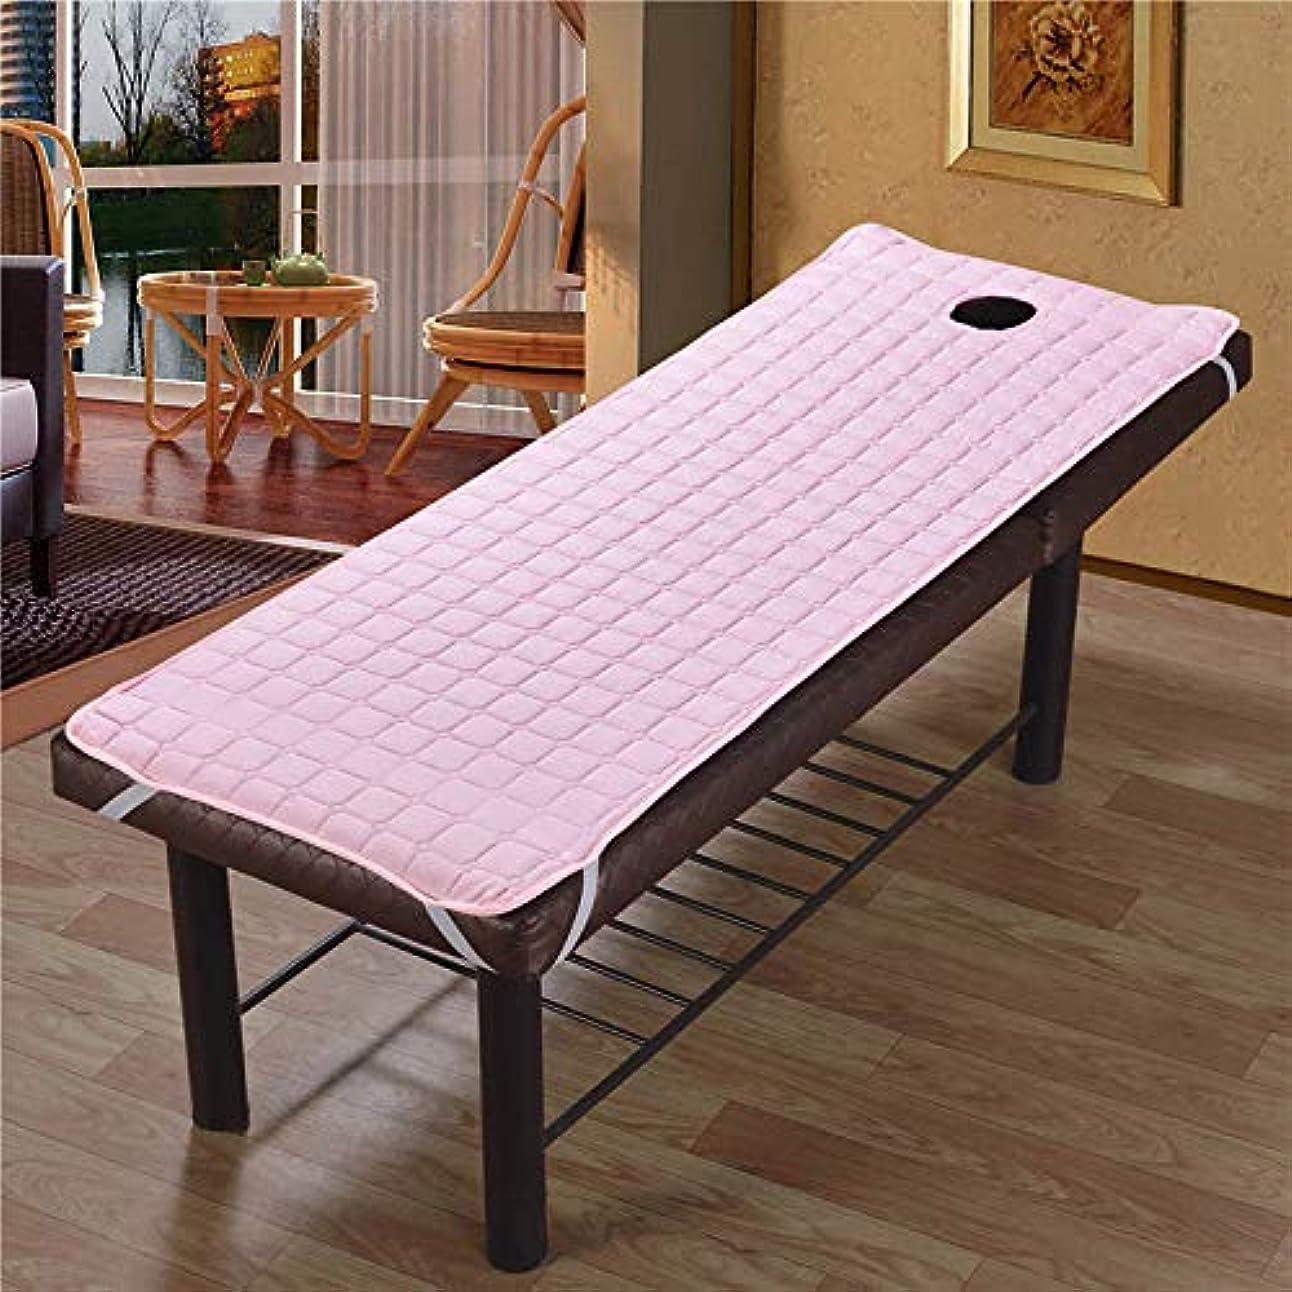 人柄細断事務所Profeel 美容院のマッサージ療法のベッドのための滑り止めのSoliod色の長方形のマットレス